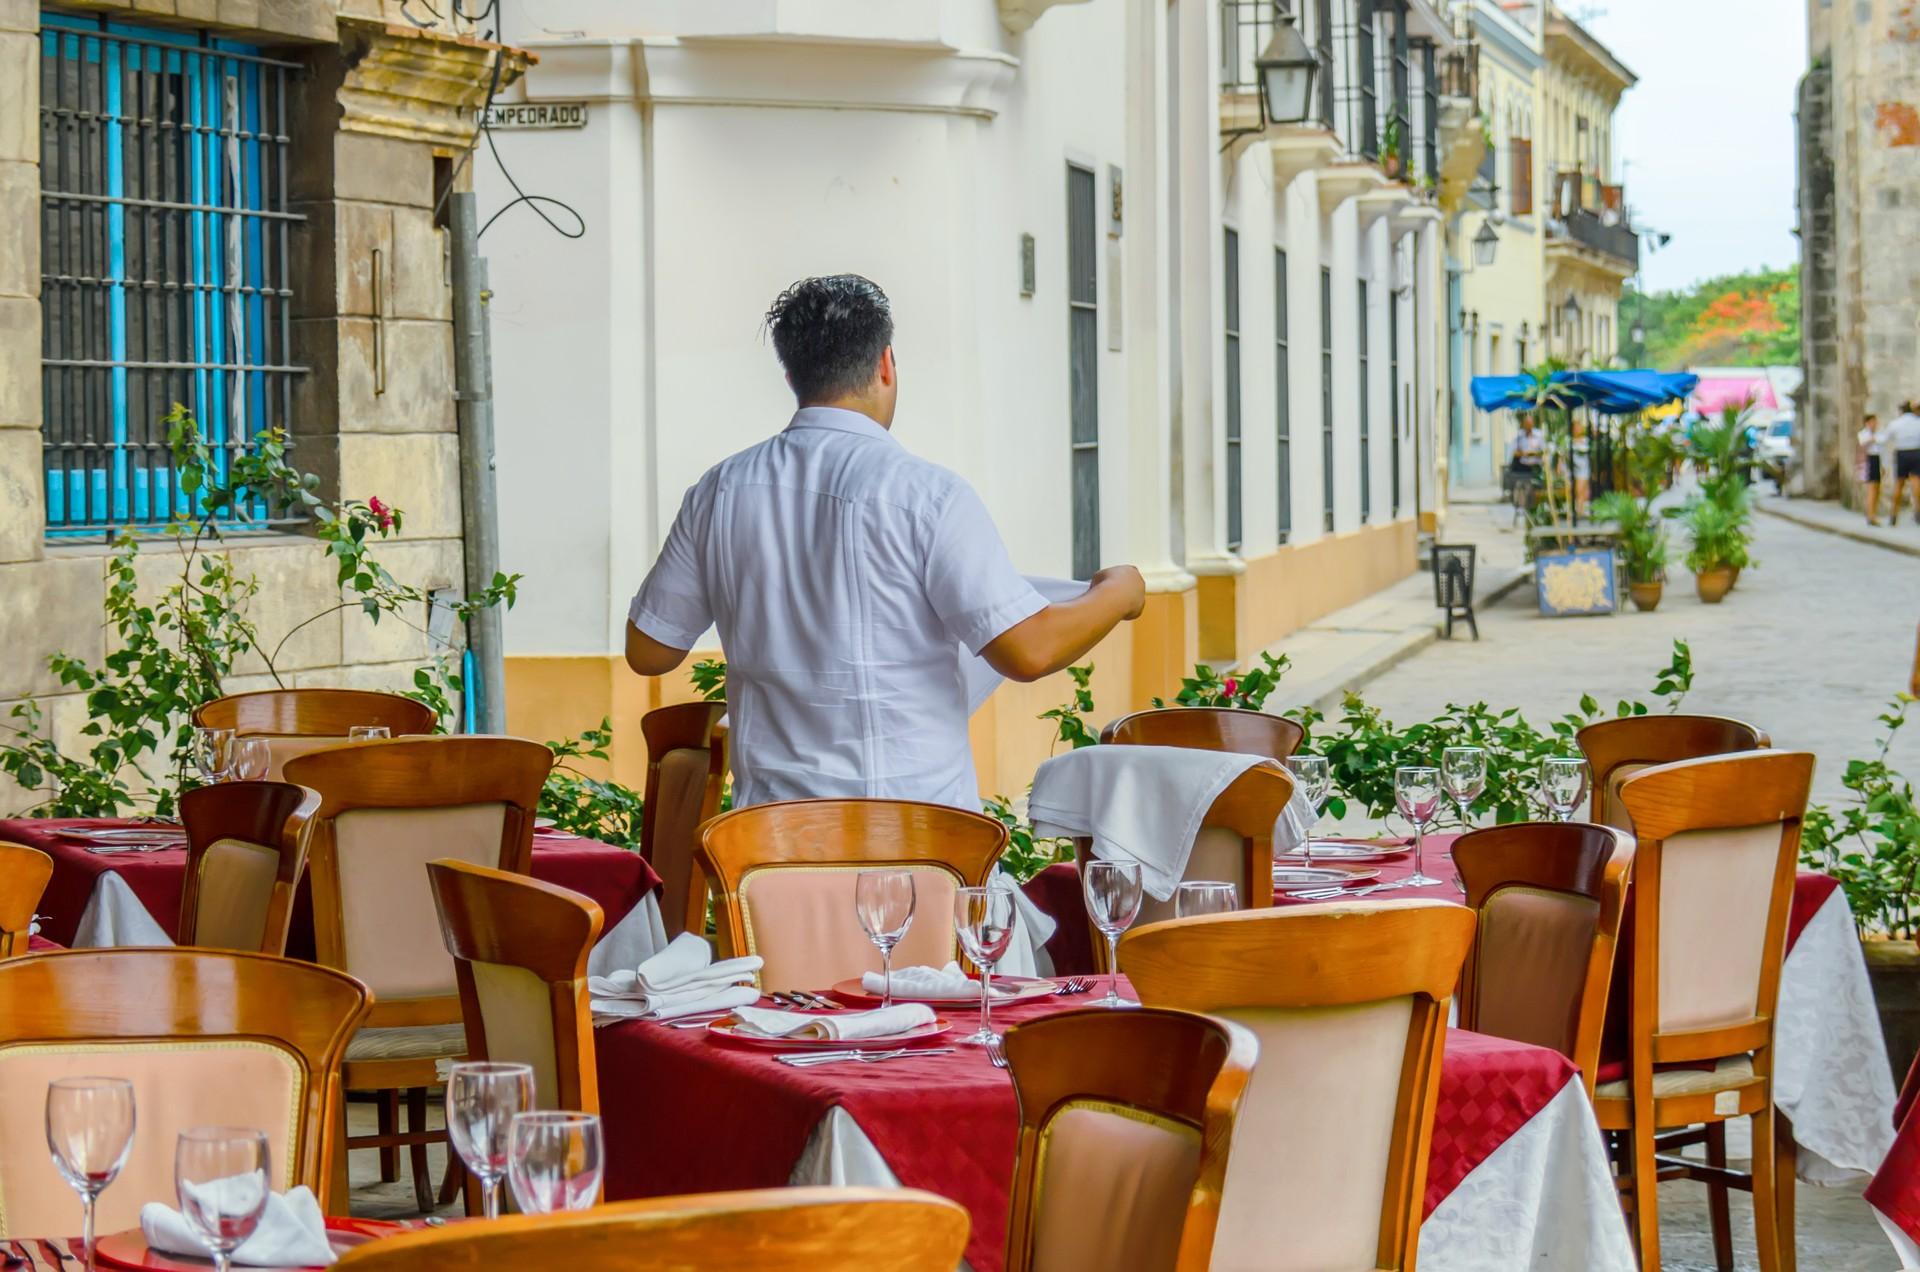 Restaurant in Havana